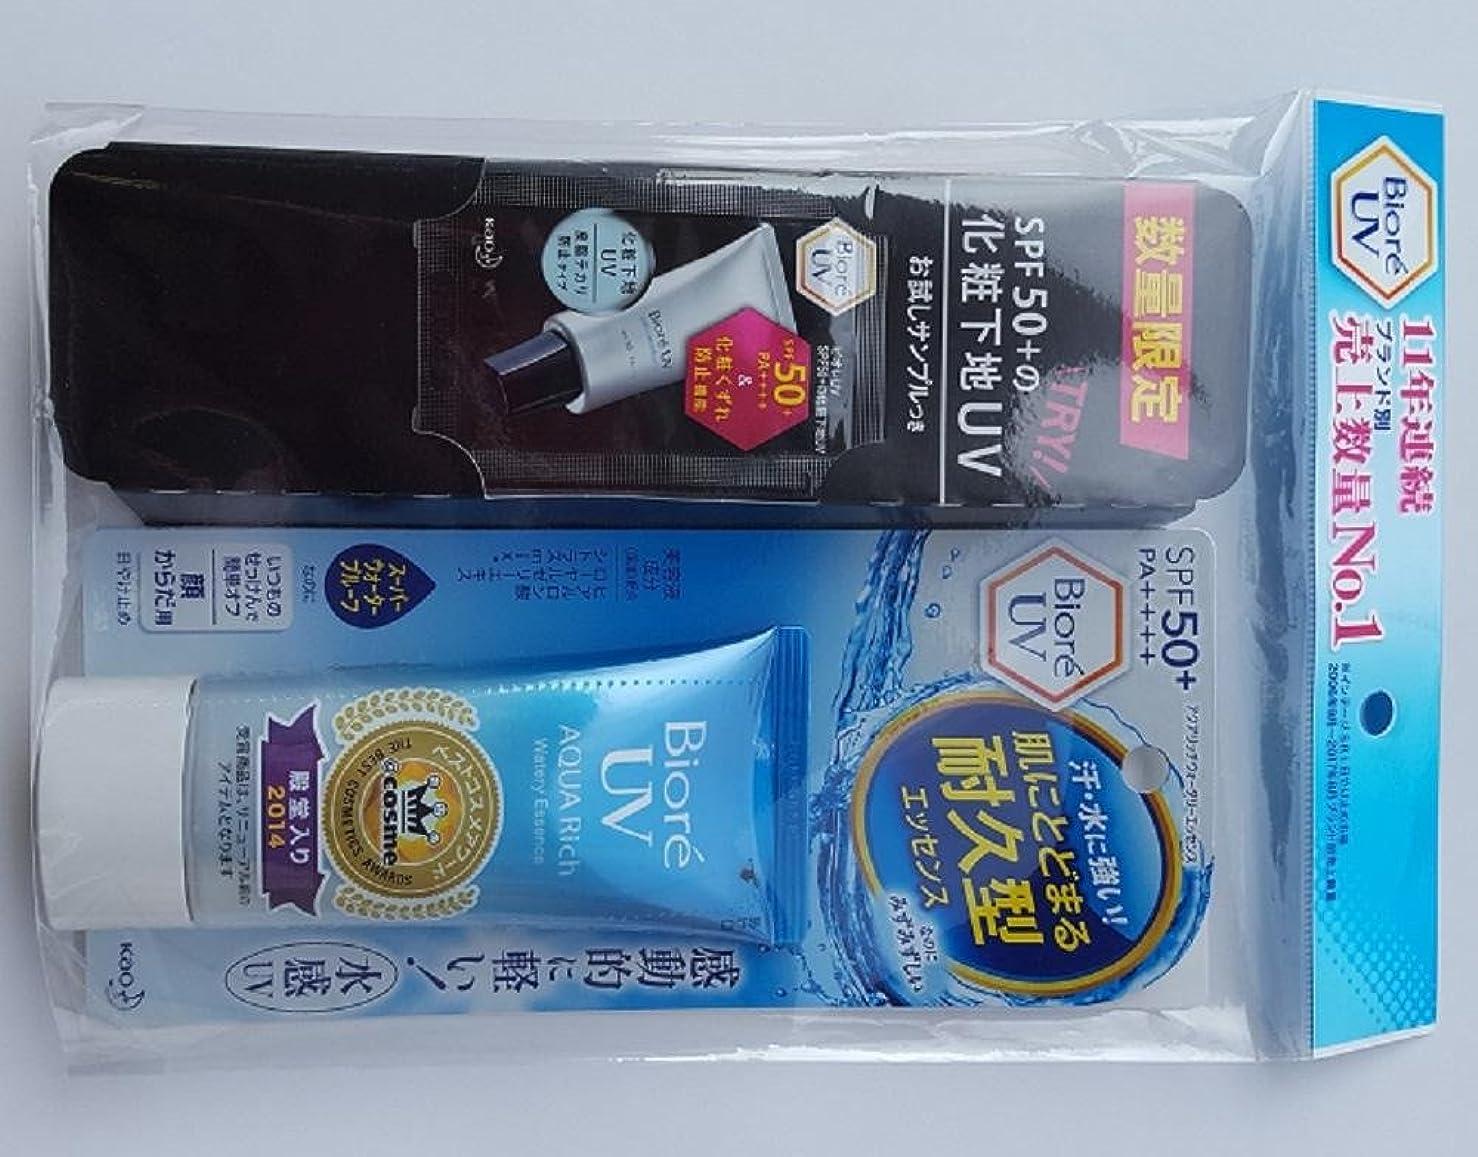 スパイあなたのもの権威ビオレ UV アクアリッチ ウォータリーエッセンス SPF50+/PA++++ 50g +ビオレ UV 化粧下地UV 皮脂テカリ防止(試供品)1回分付き